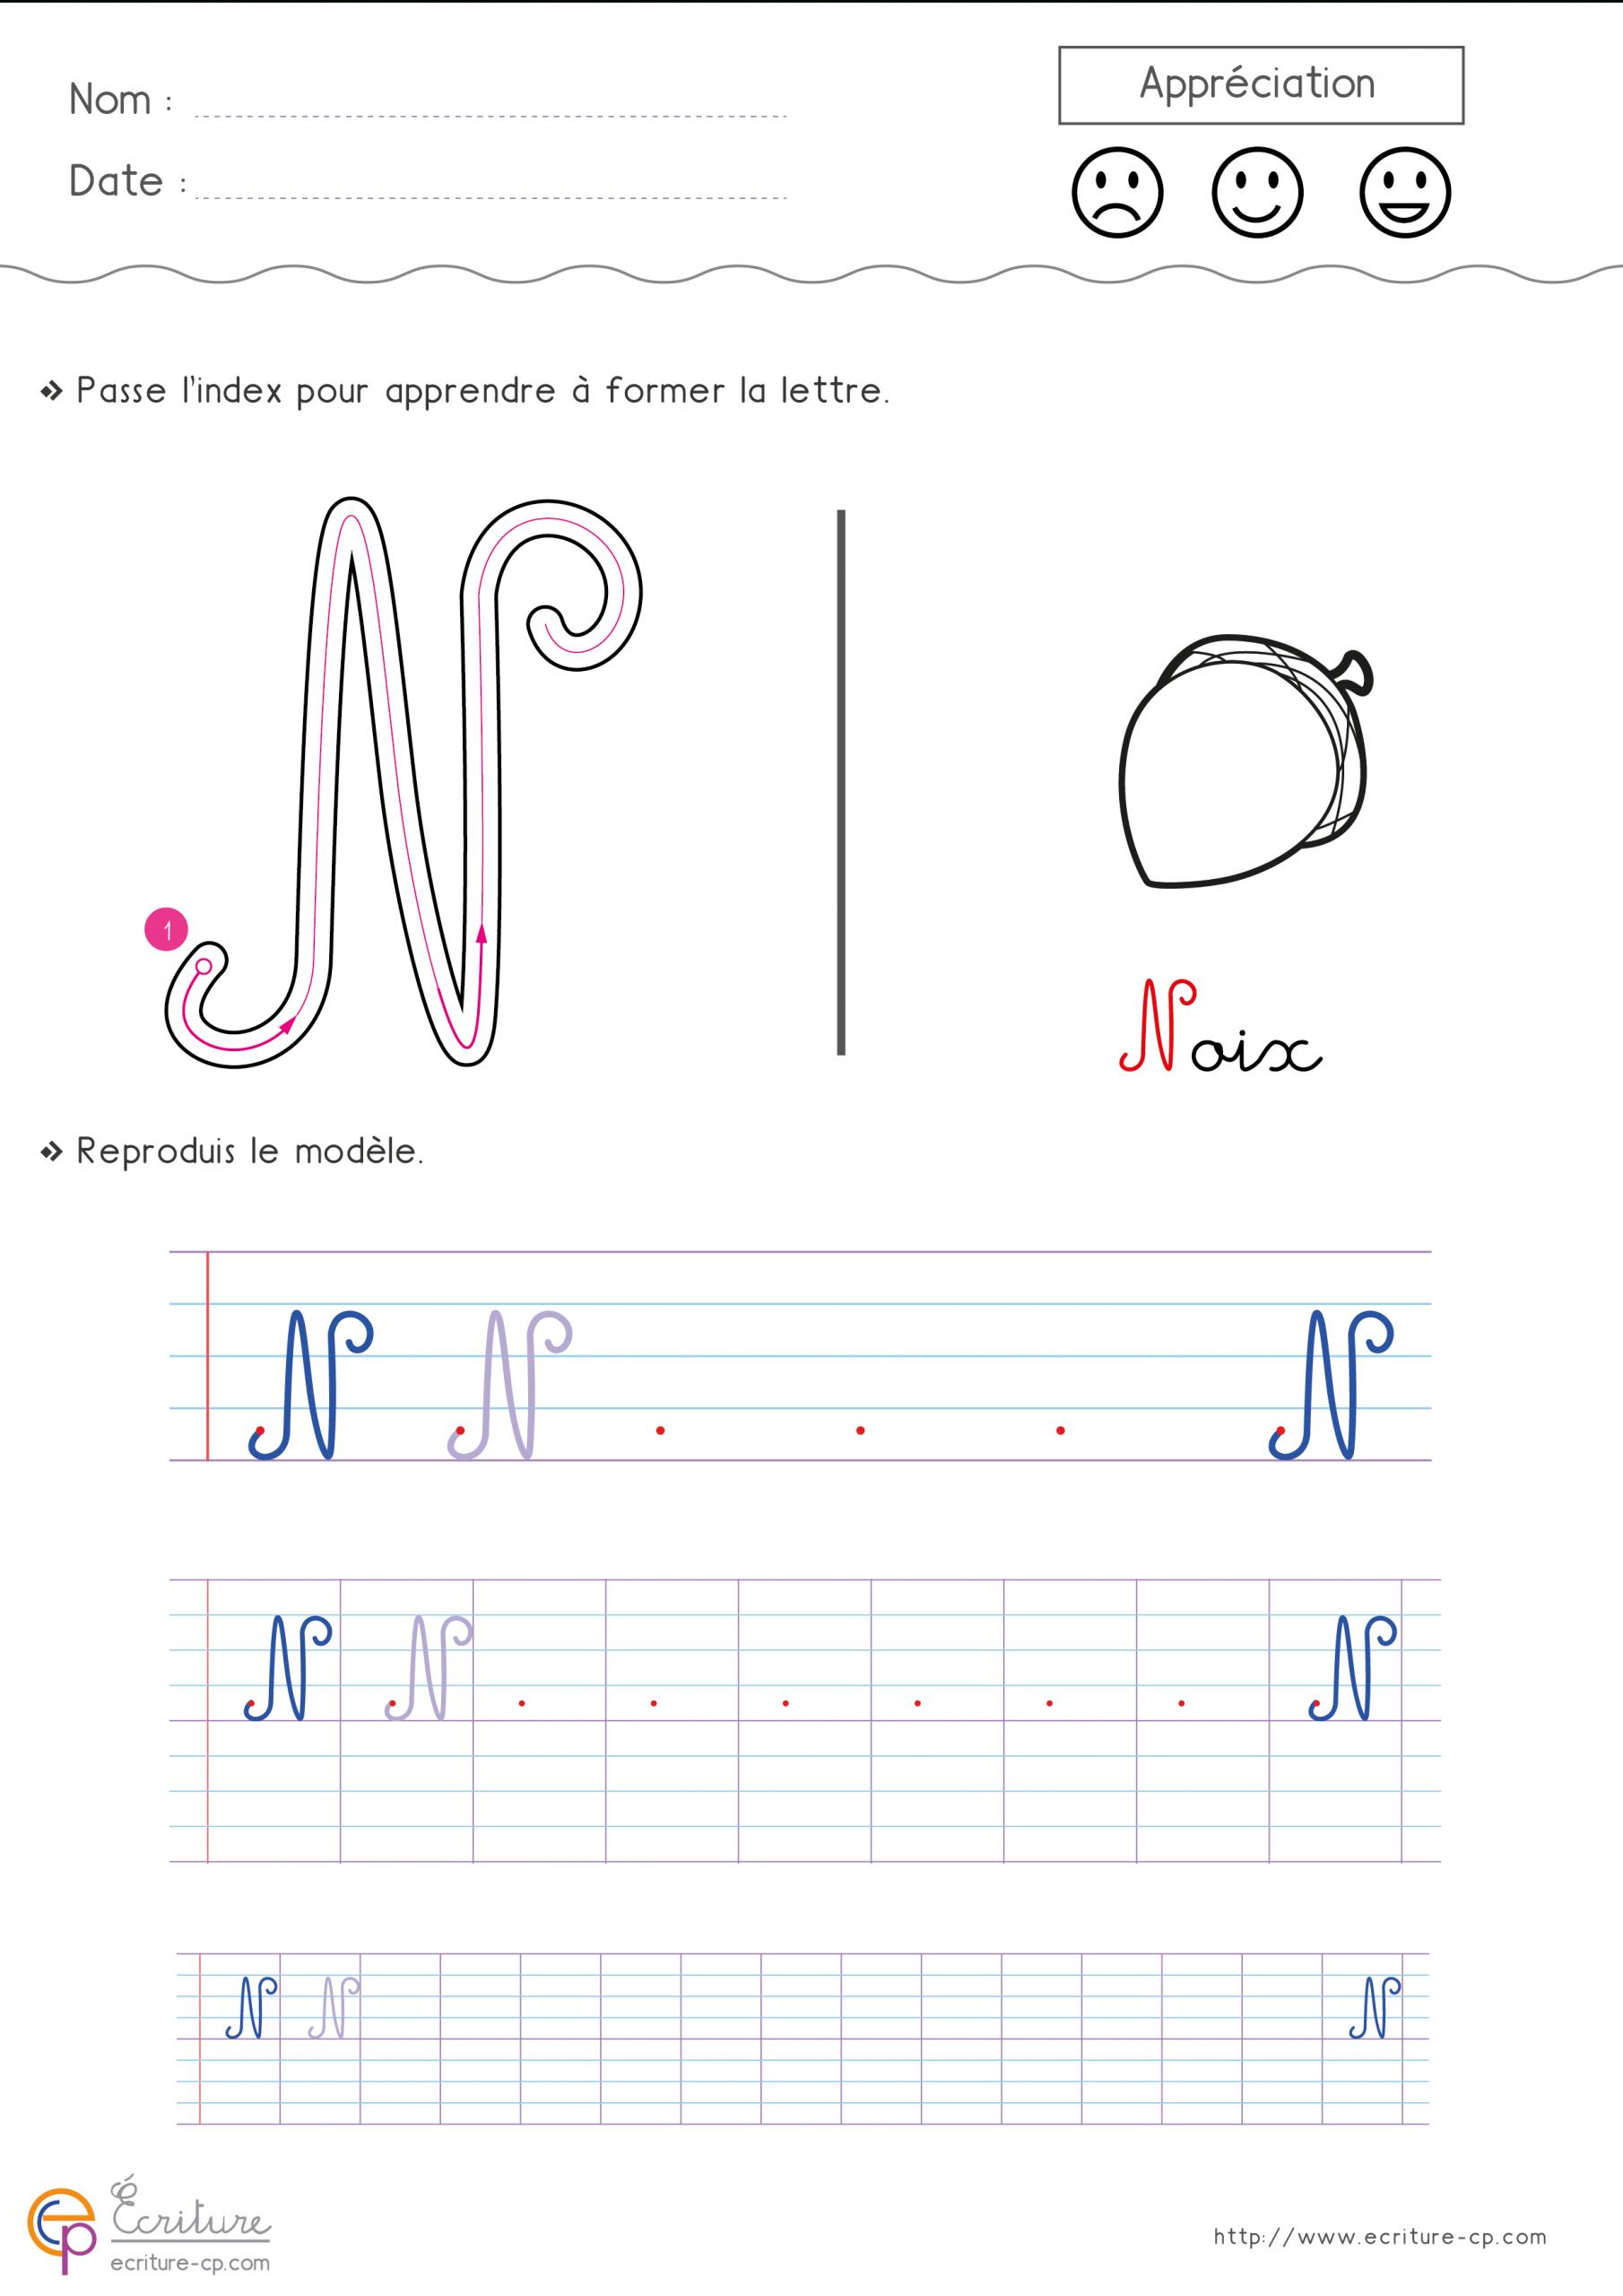 Épinglé Sur لينا destiné Apprendre A Ecrire Les Lettres En Minuscule